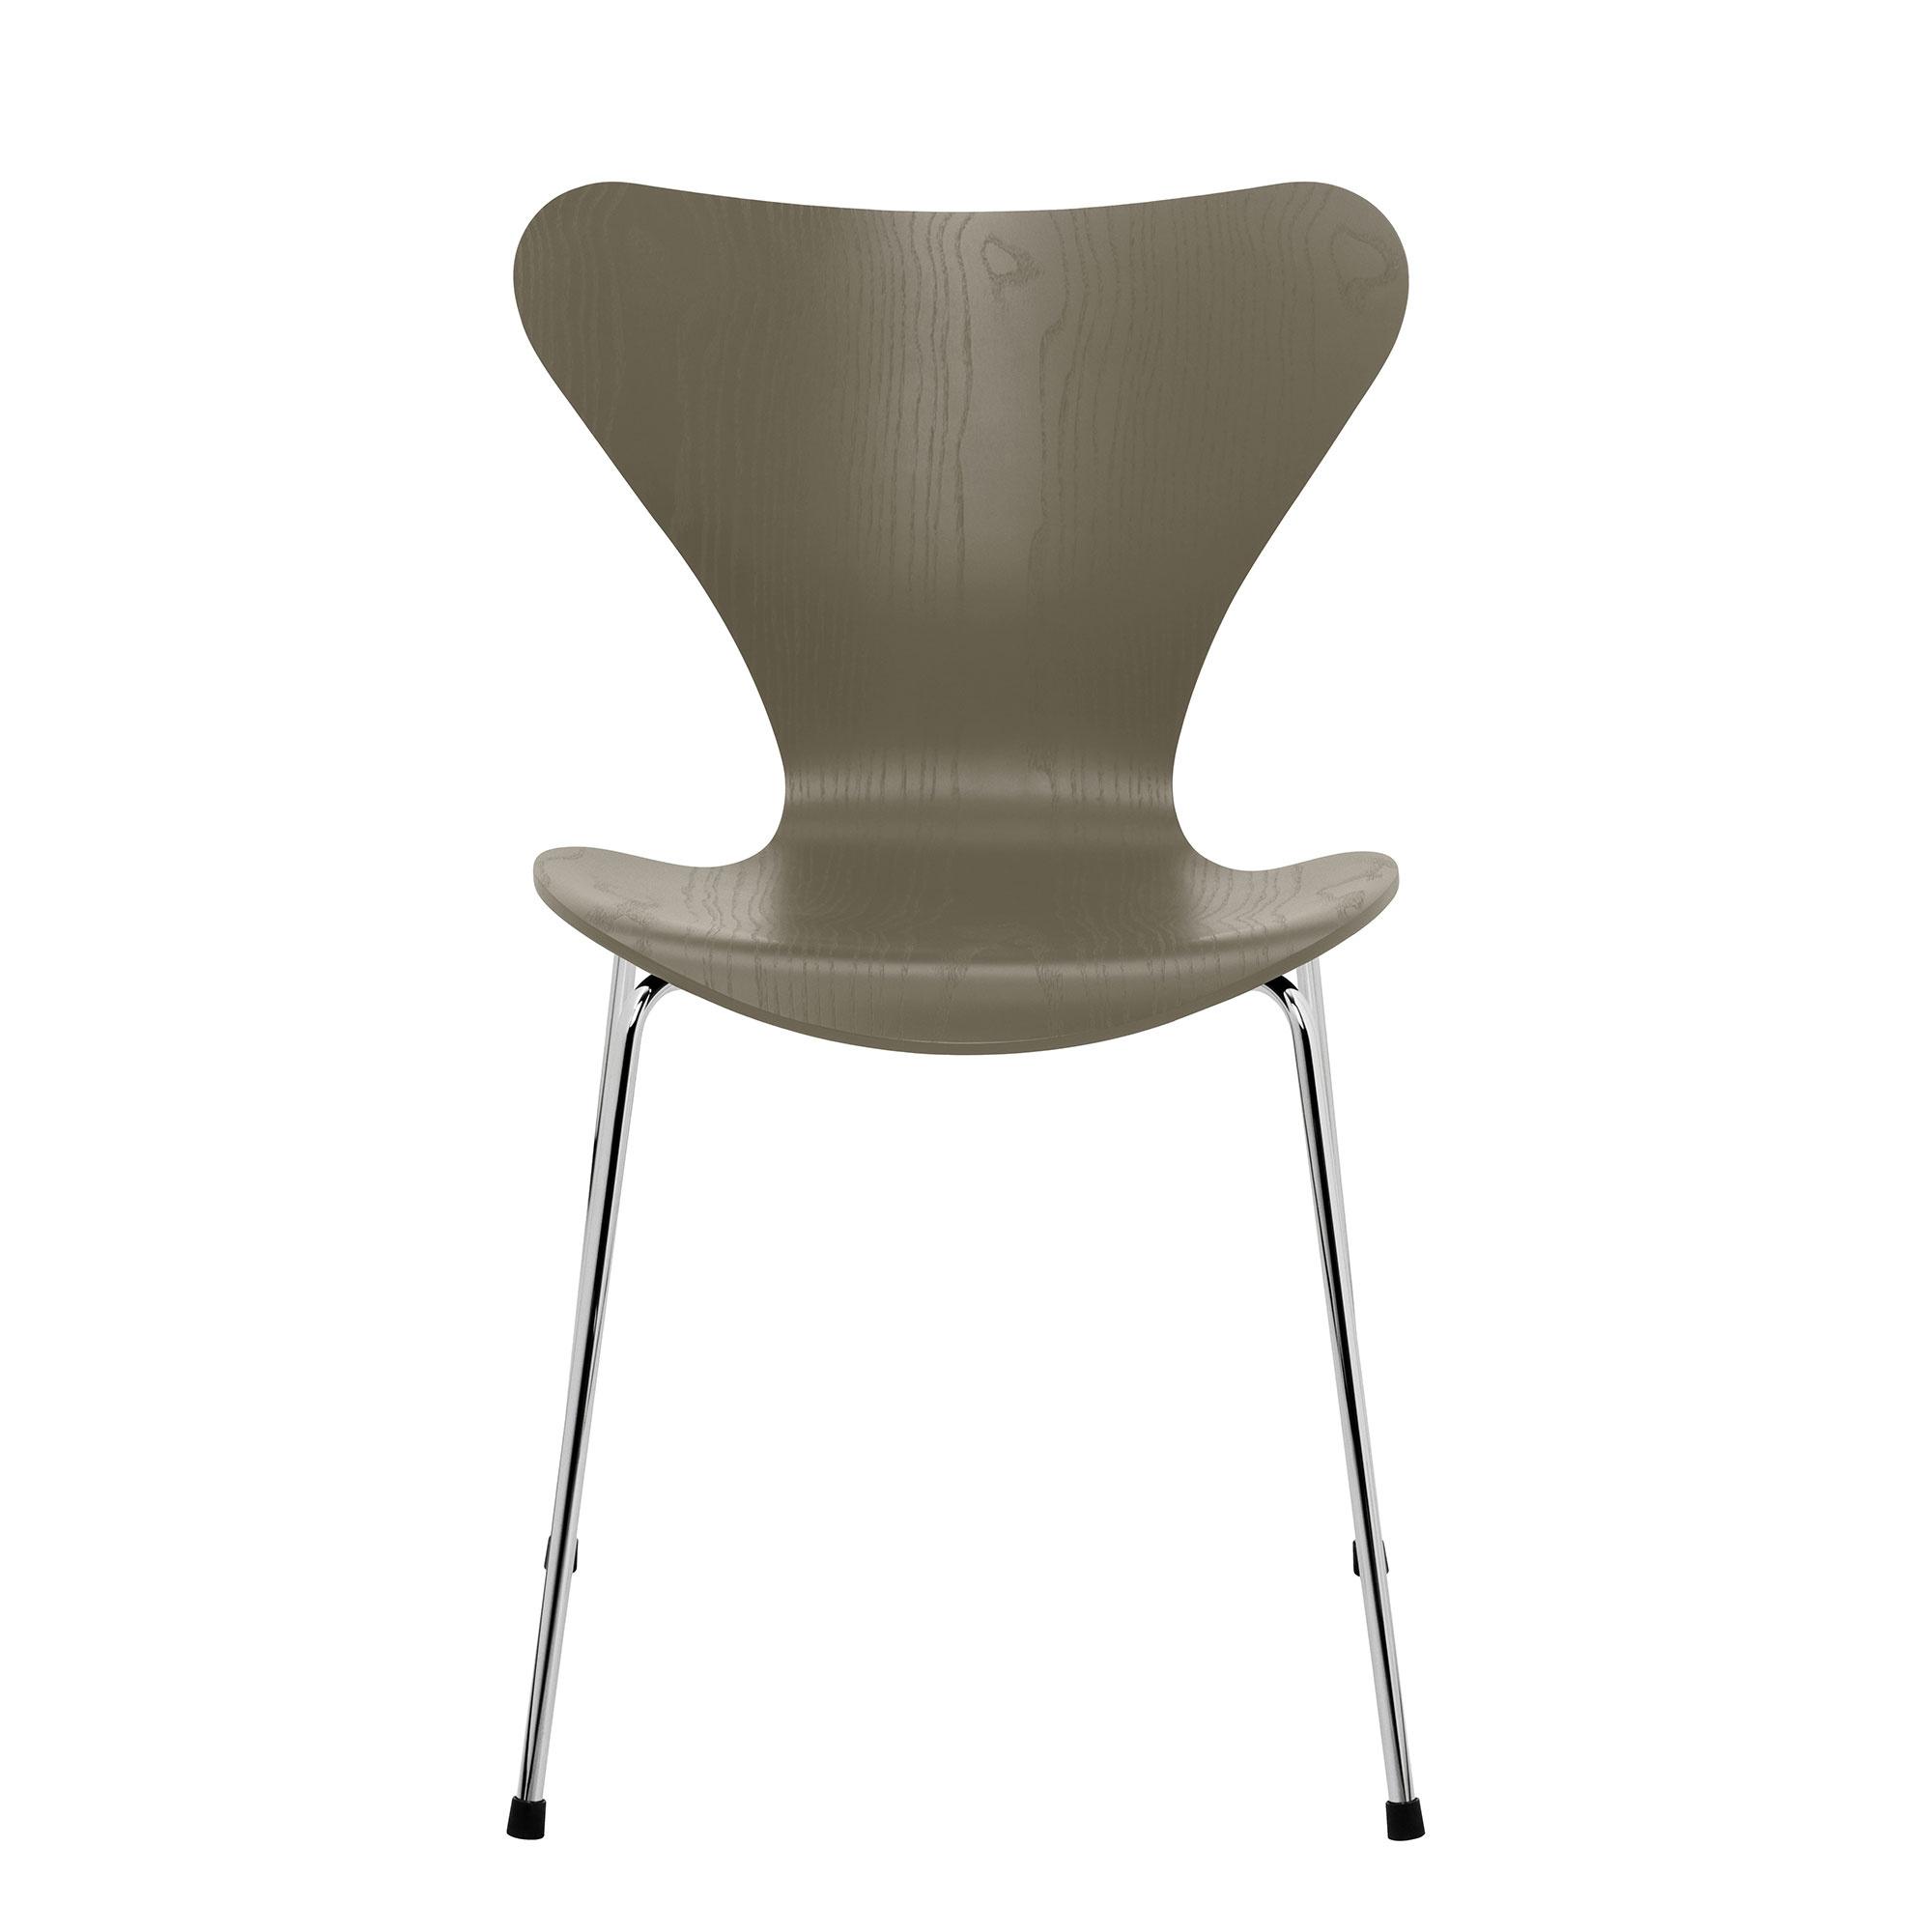 Fritz Hansen - Serie 7™ Stuhl gefärbte Esche Gestell Verchromt - olivgrün/S günstig online kaufen